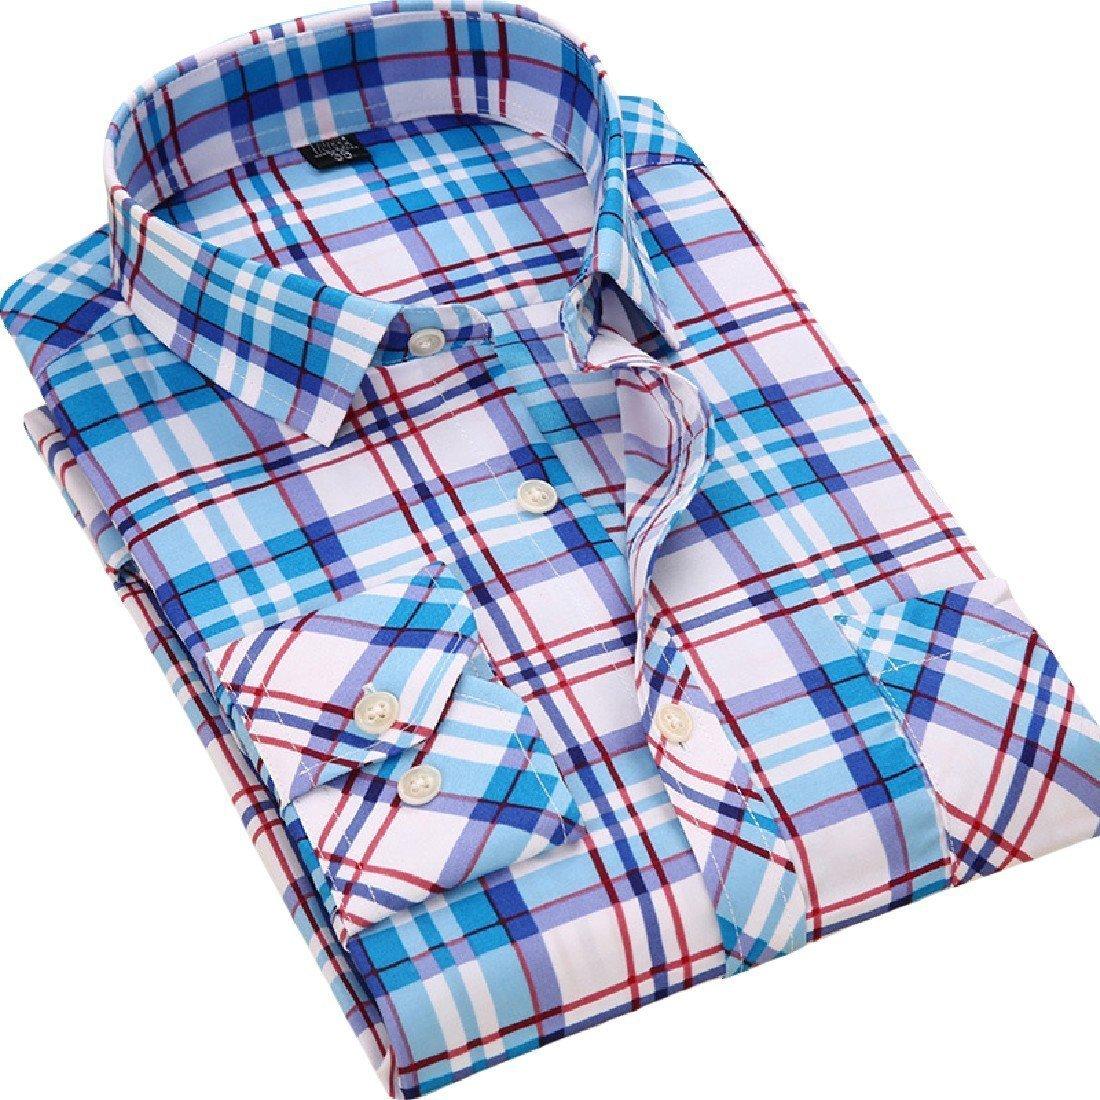 YUNY Men Oversize Lounge Popular Long-Sleeve Polo Top Shirt 16 XL